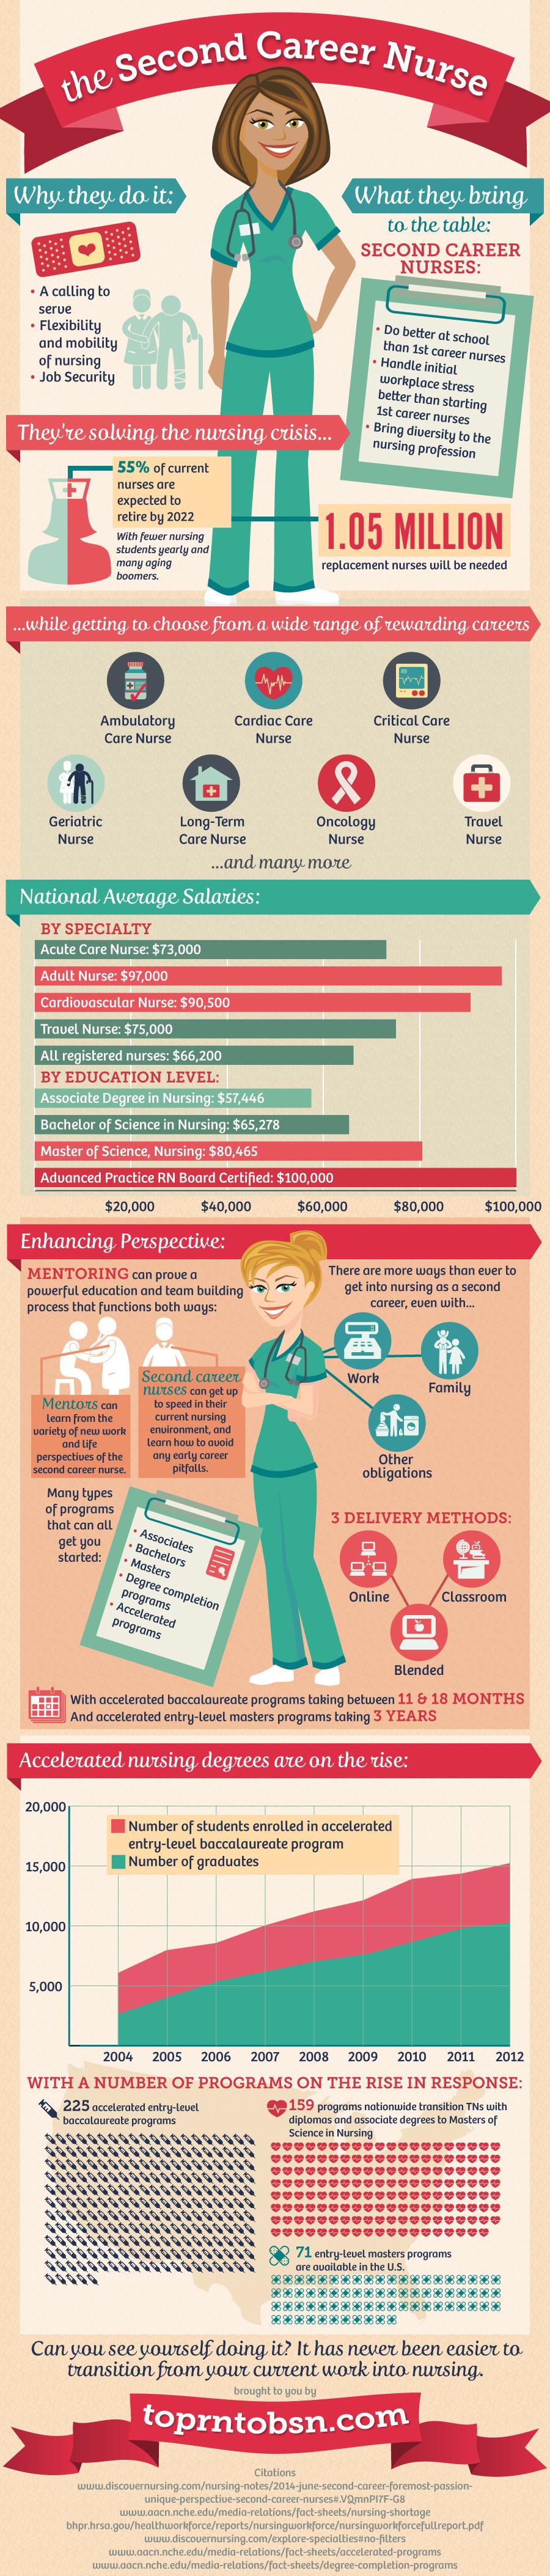 essay on why i chose nursing as a career